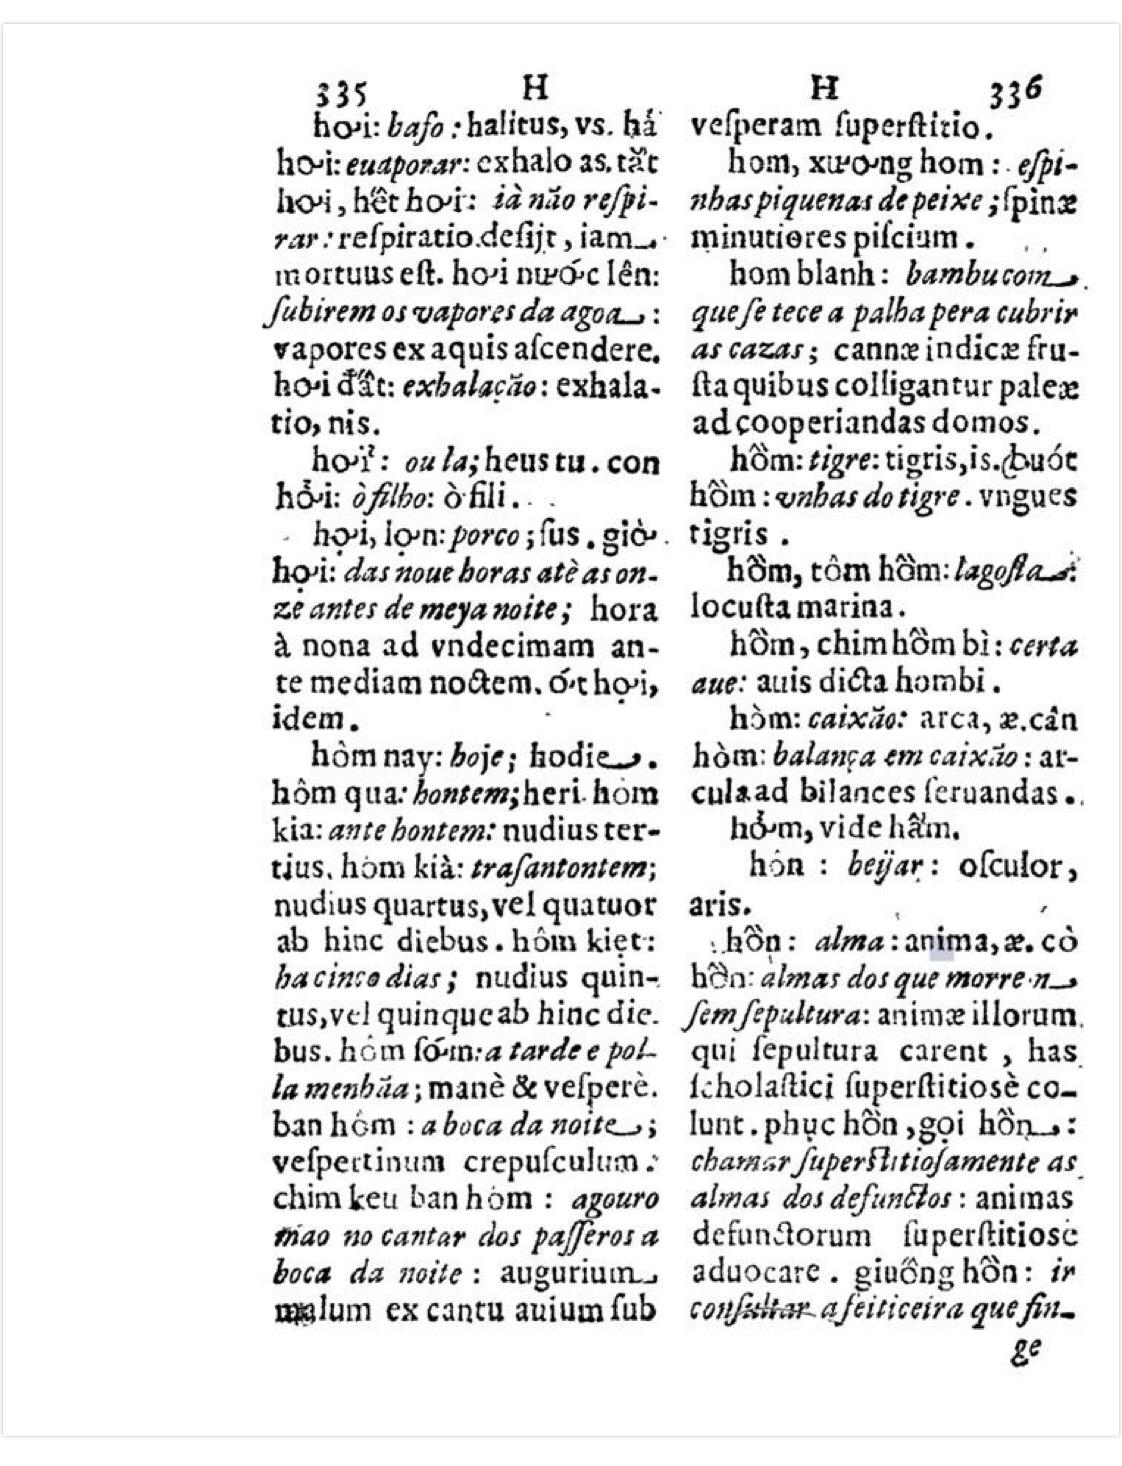 Alexandre de Rhodes (1591-1660) Từ điển Việt Bồ La. Định nghĩa Hôn